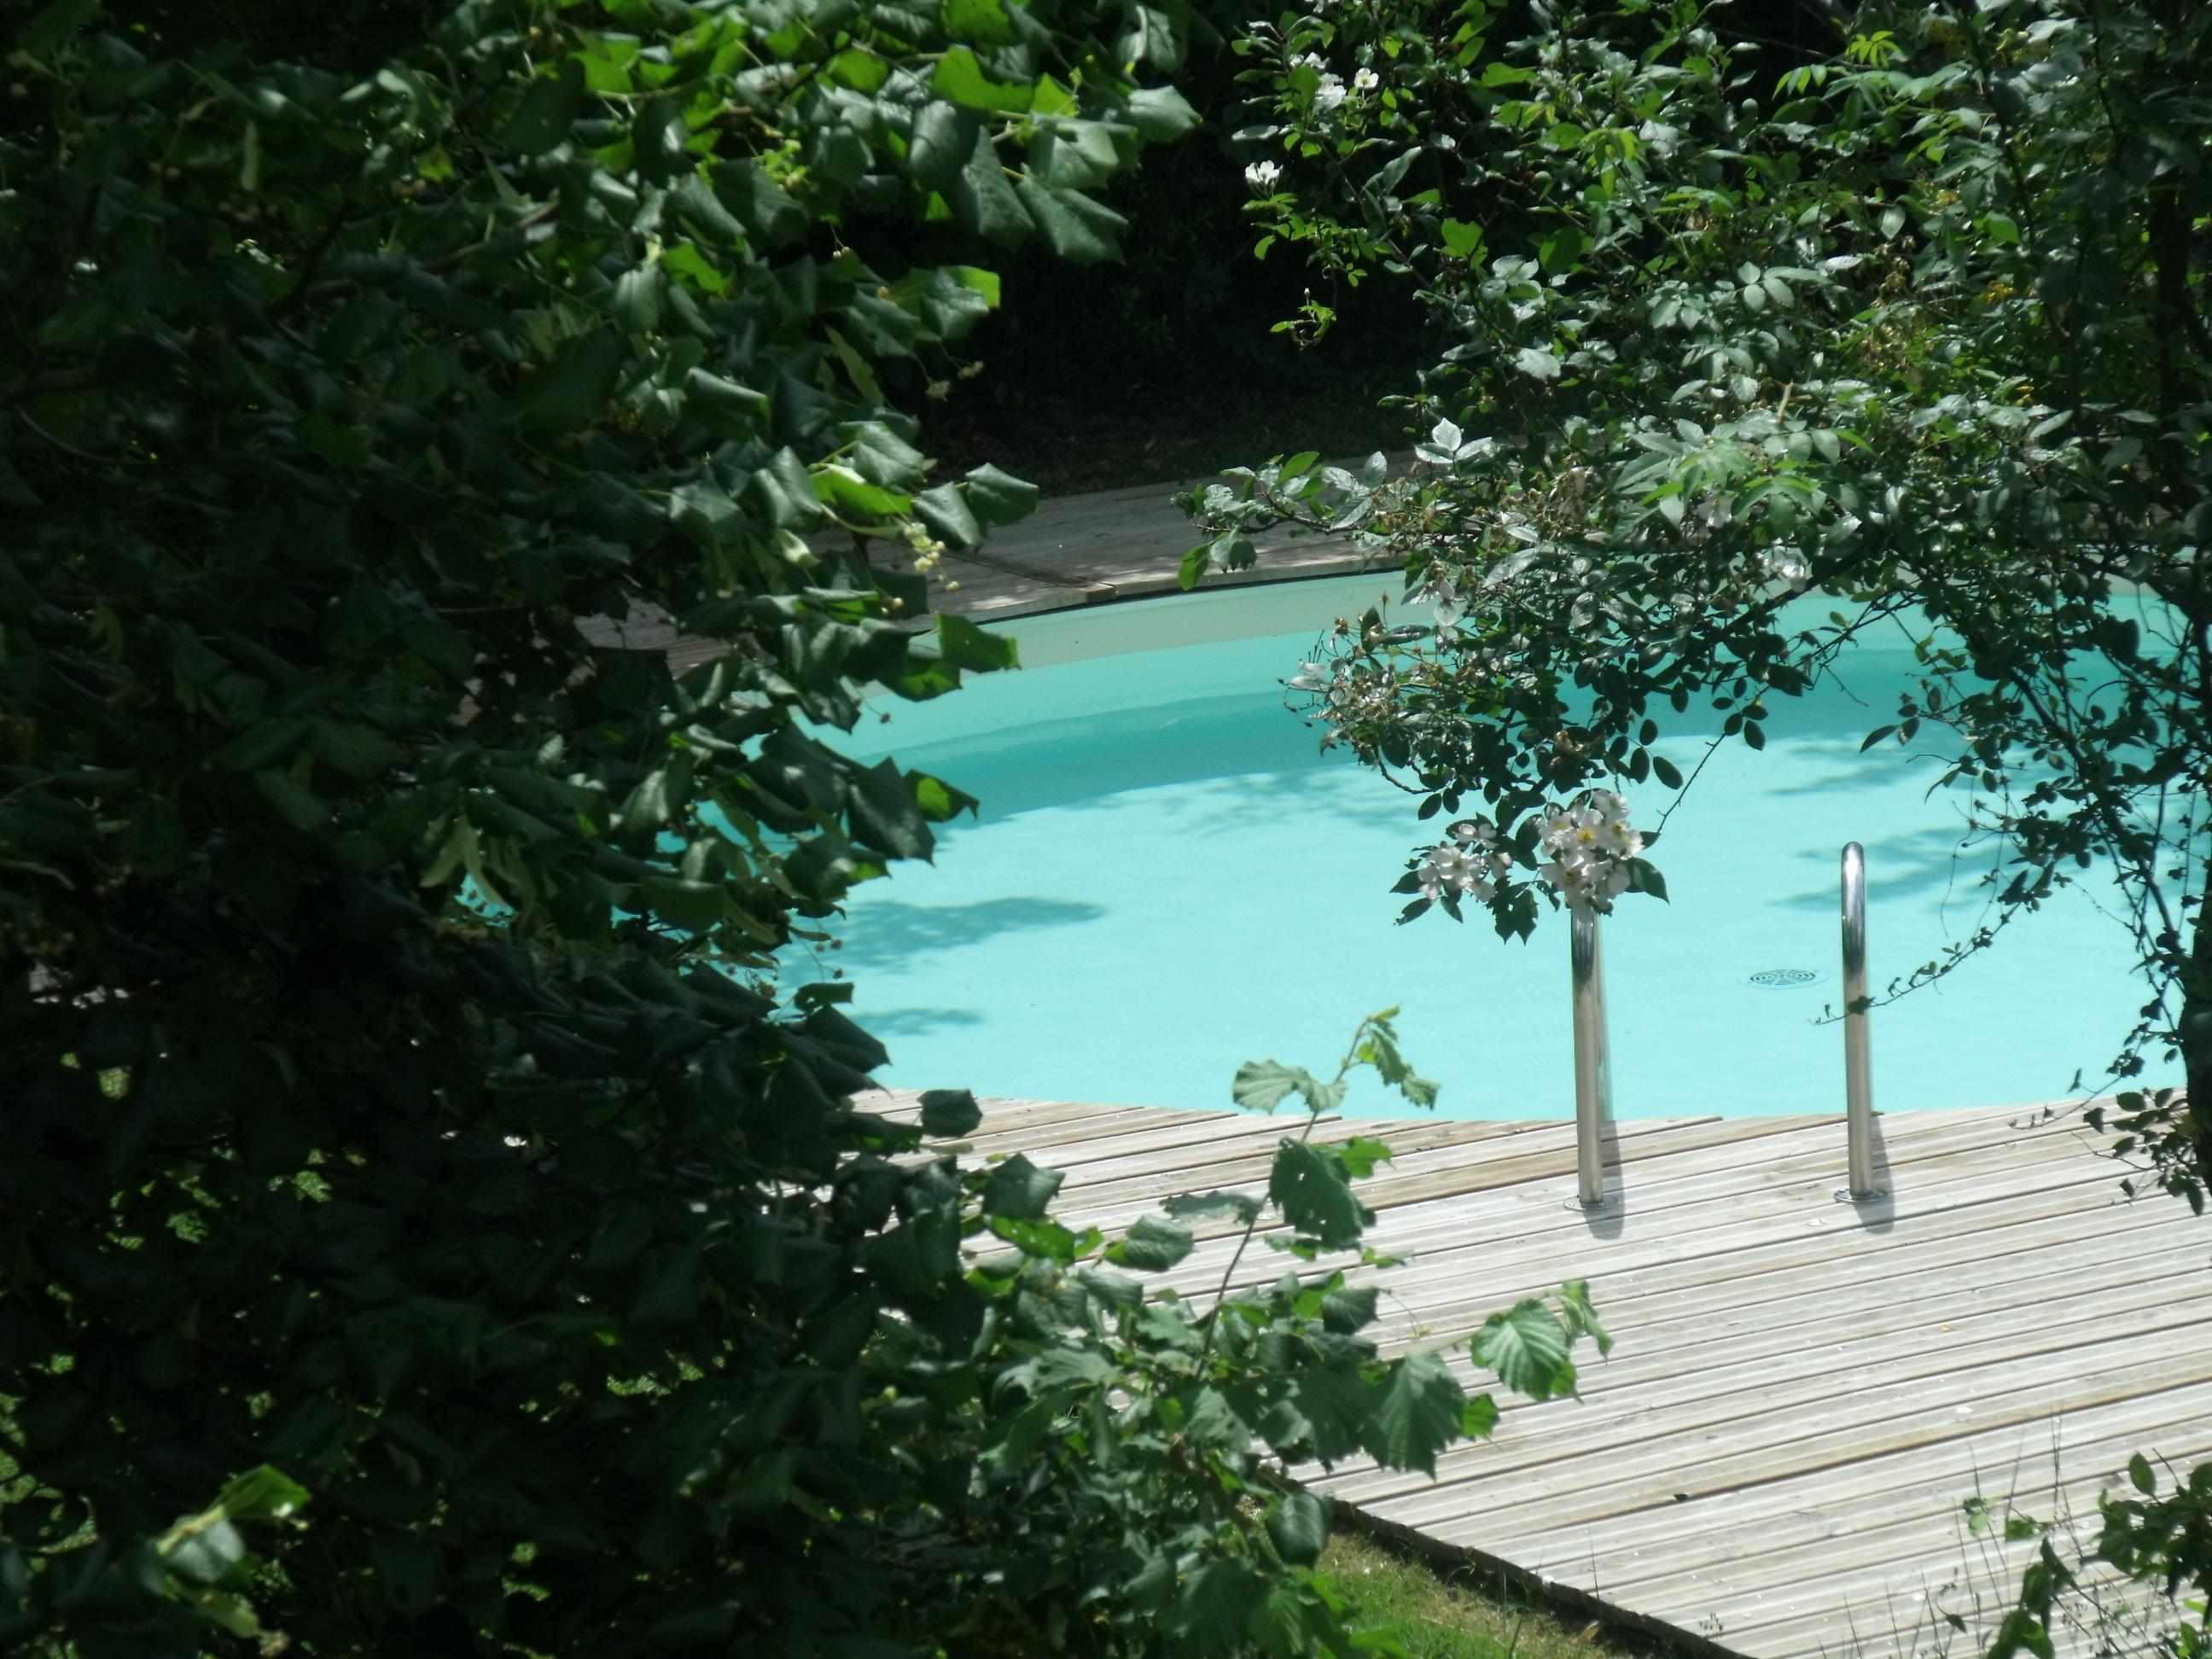 Piscine du gite lamothe en aveyron for Gite piscine aveyron